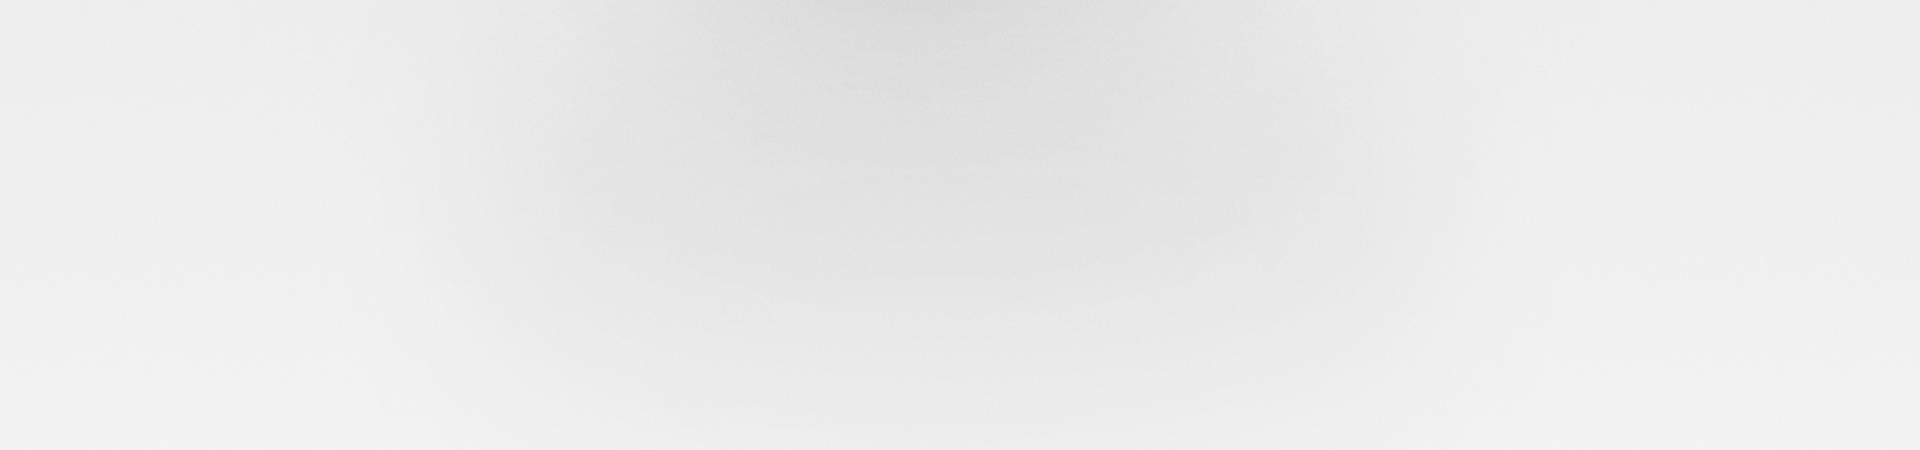 retro_stripe_white